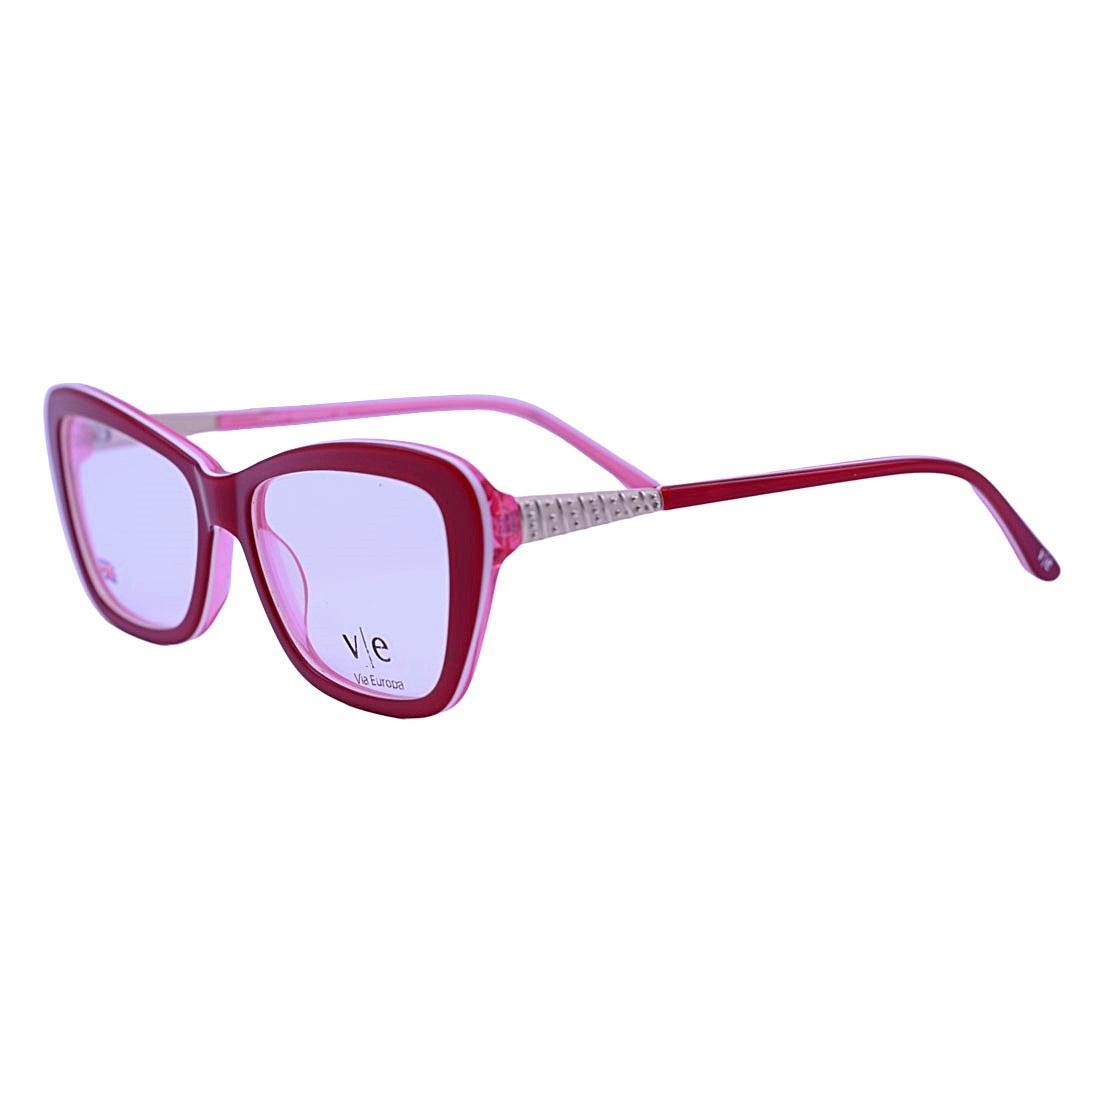 Armação Óculos De Grau Mackage Feminino Gateado Retangular - Vermelho/Rosa